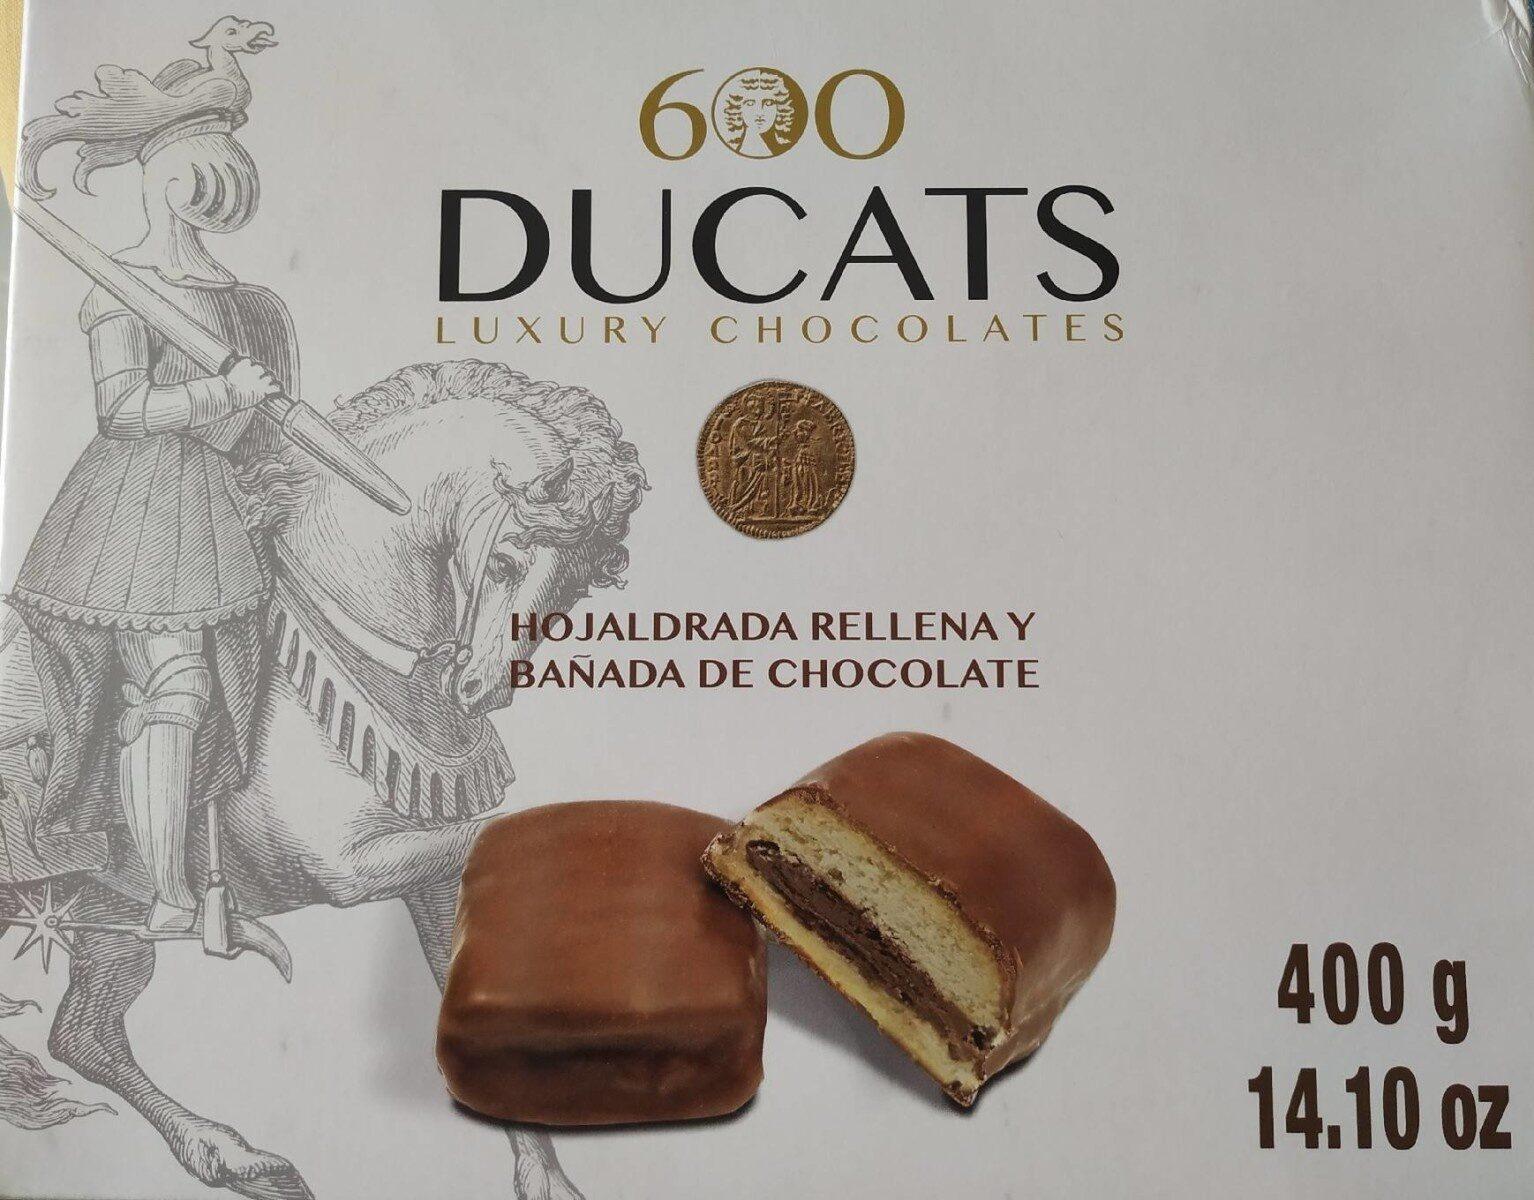 Hojaldrada rellena y bañada de chocolate - Producto